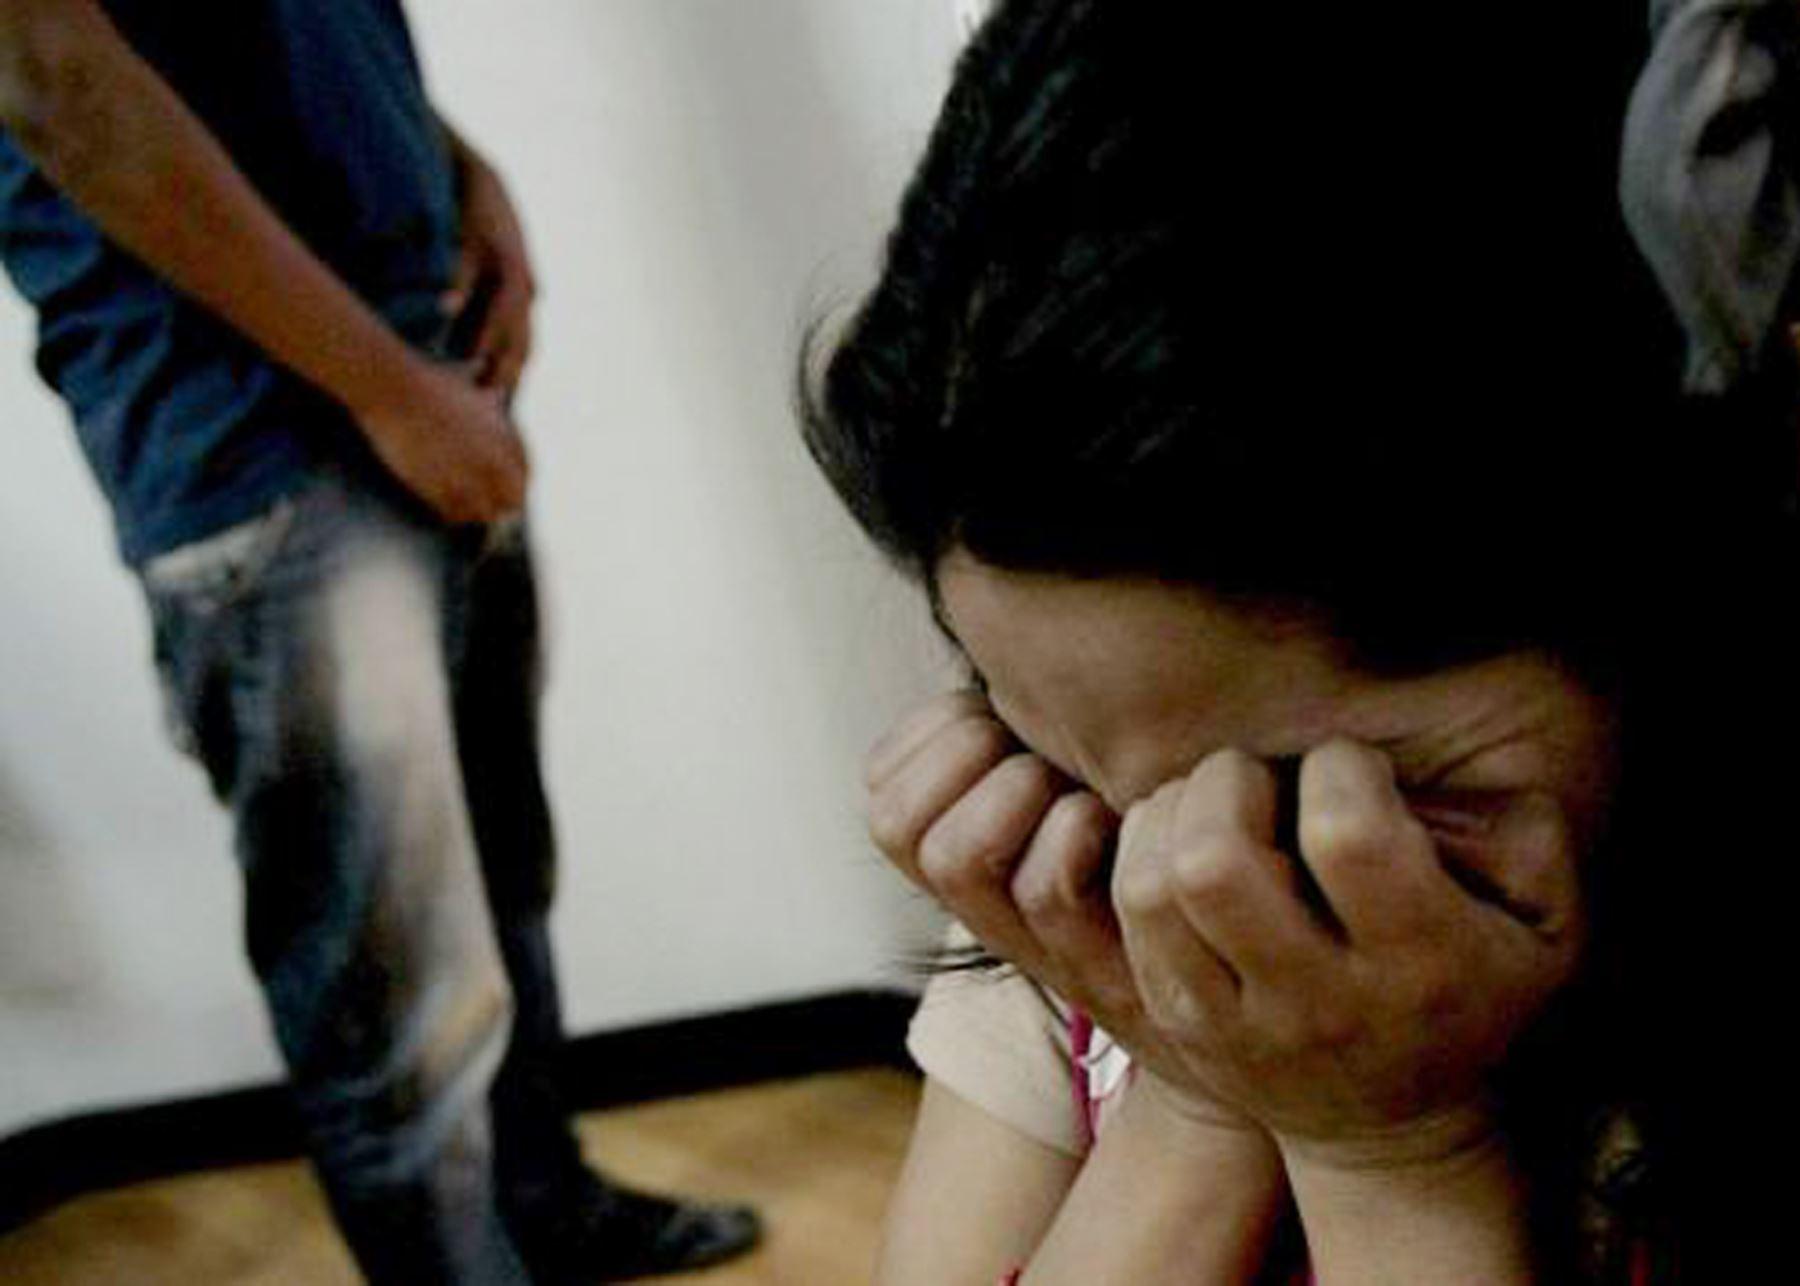 Padre fue condenado por abusar de sus hijas gemelas en Floridablanca    Local   Justicia   EL FRENTE